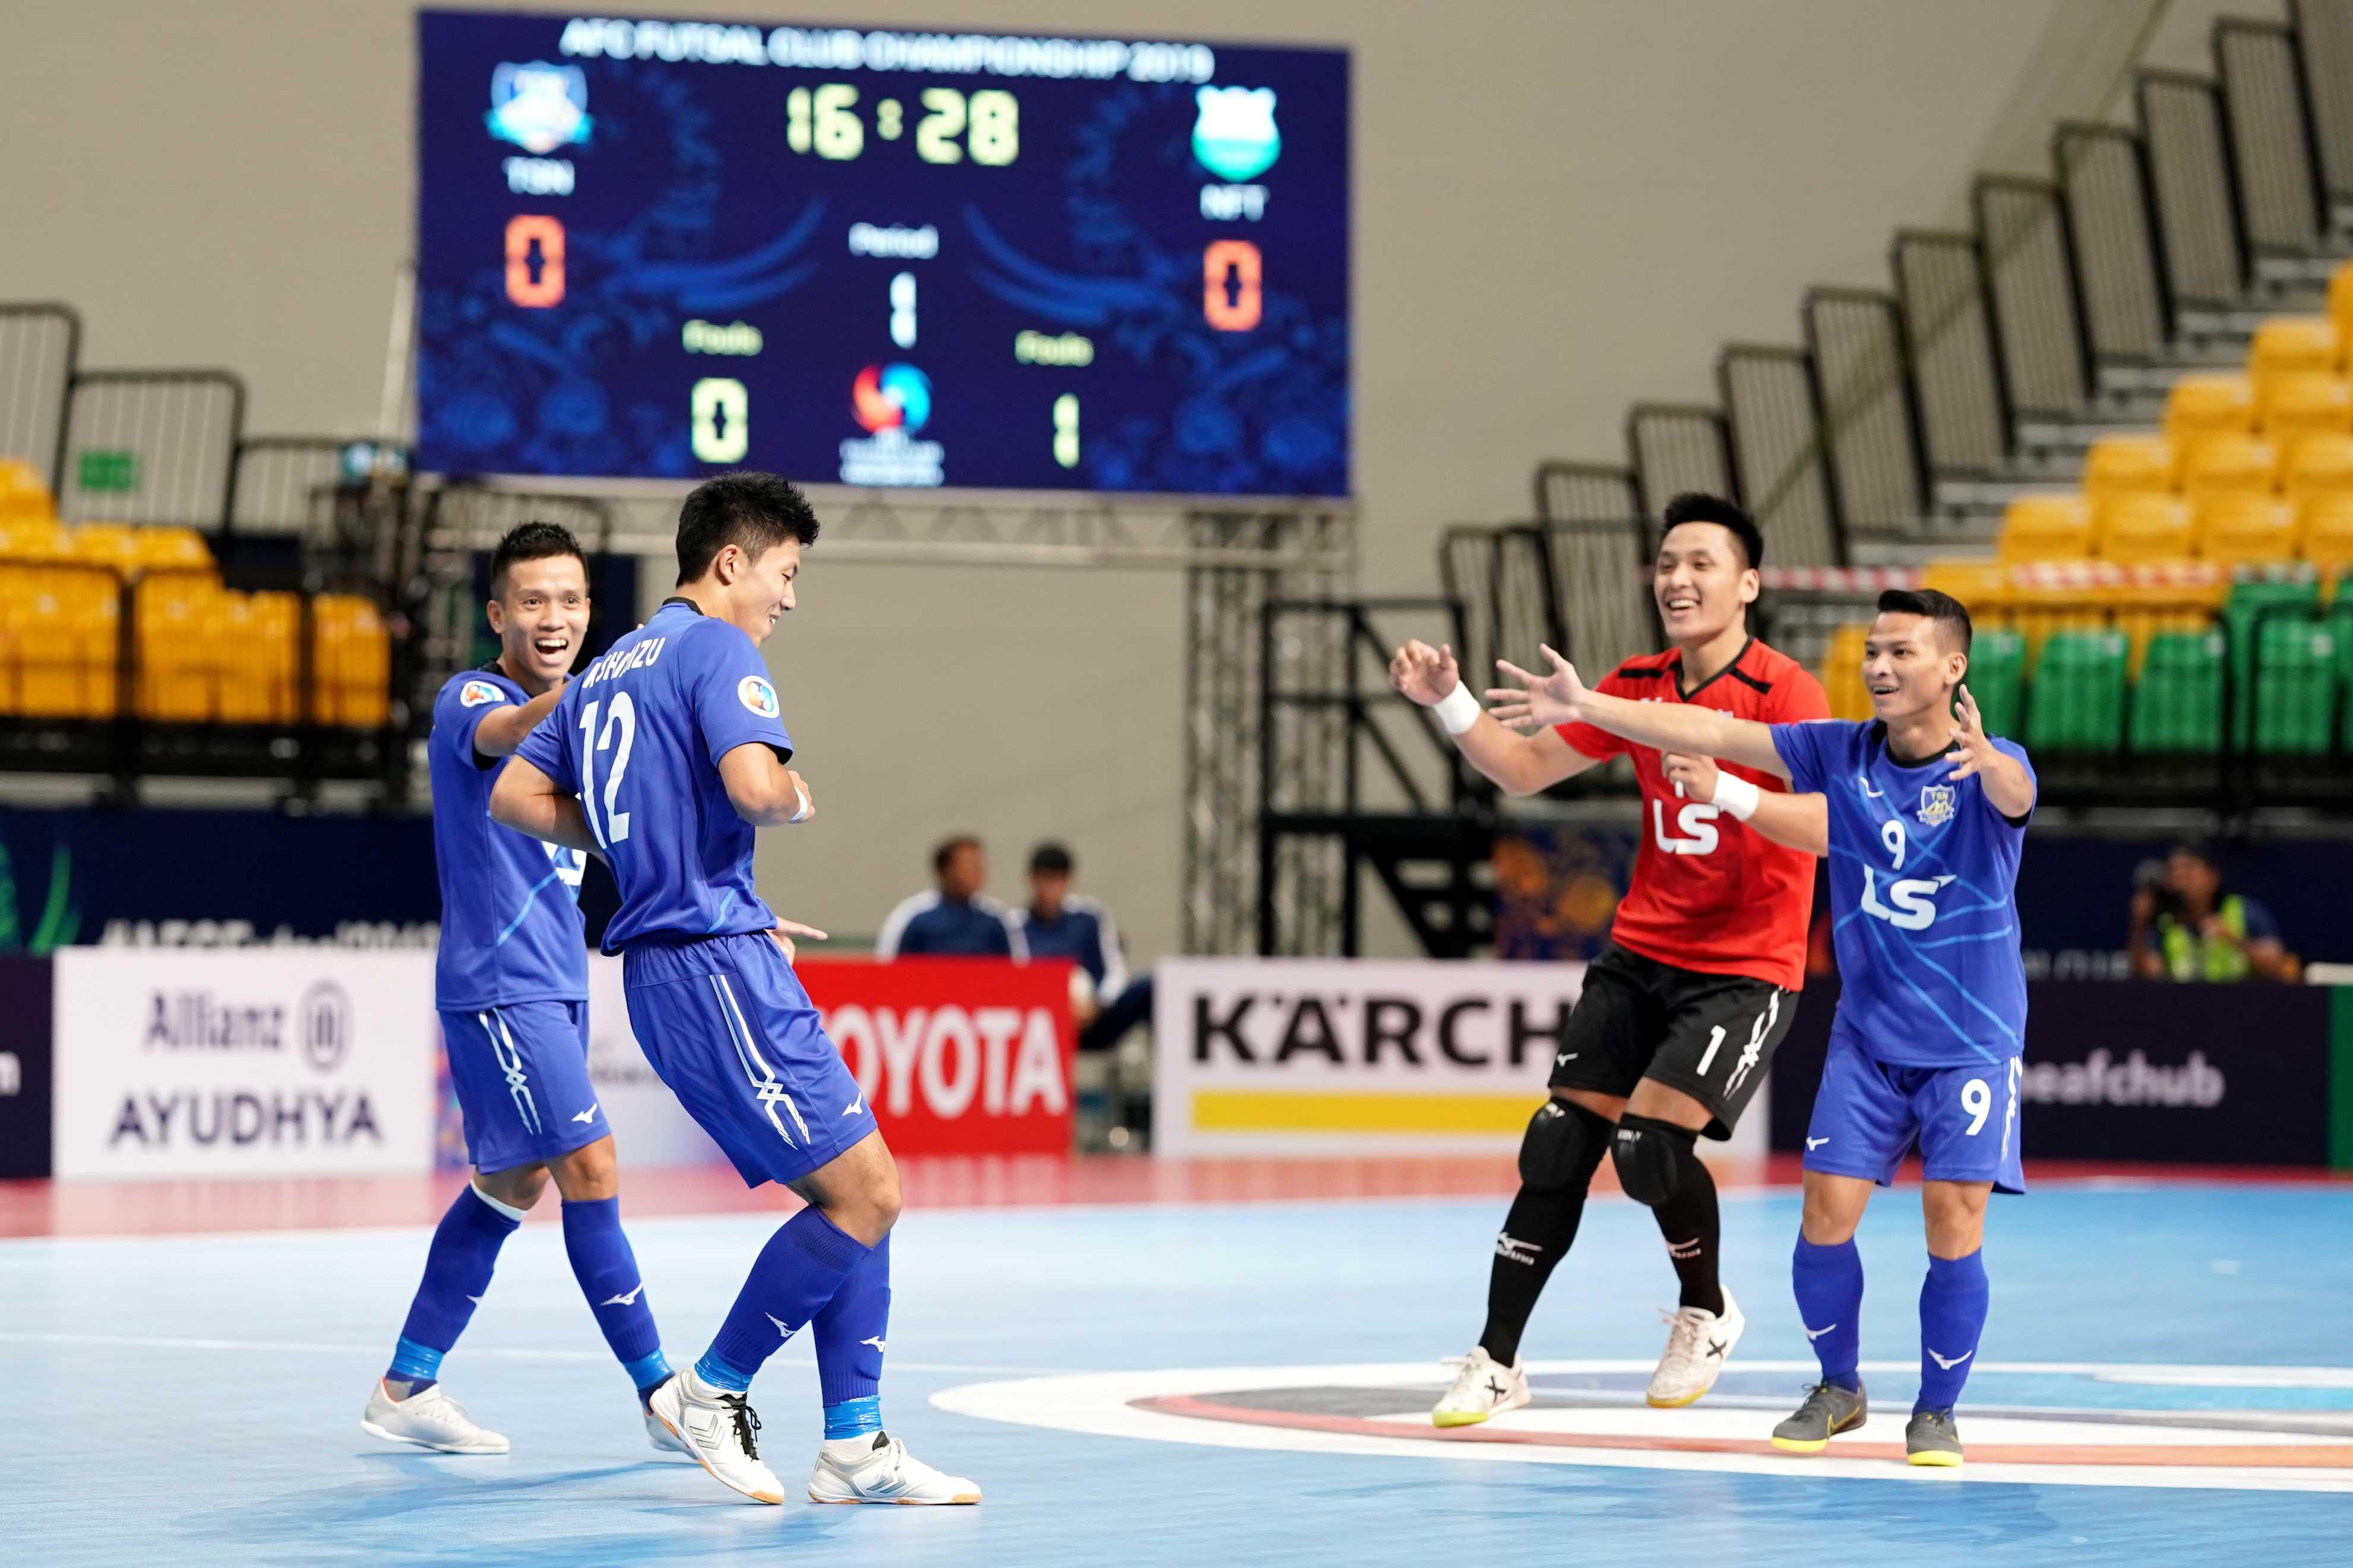 Thái Sơn Nam vào Tứ kết giải futsal CLB châu Á 2019 với 3 trận toàn thắng